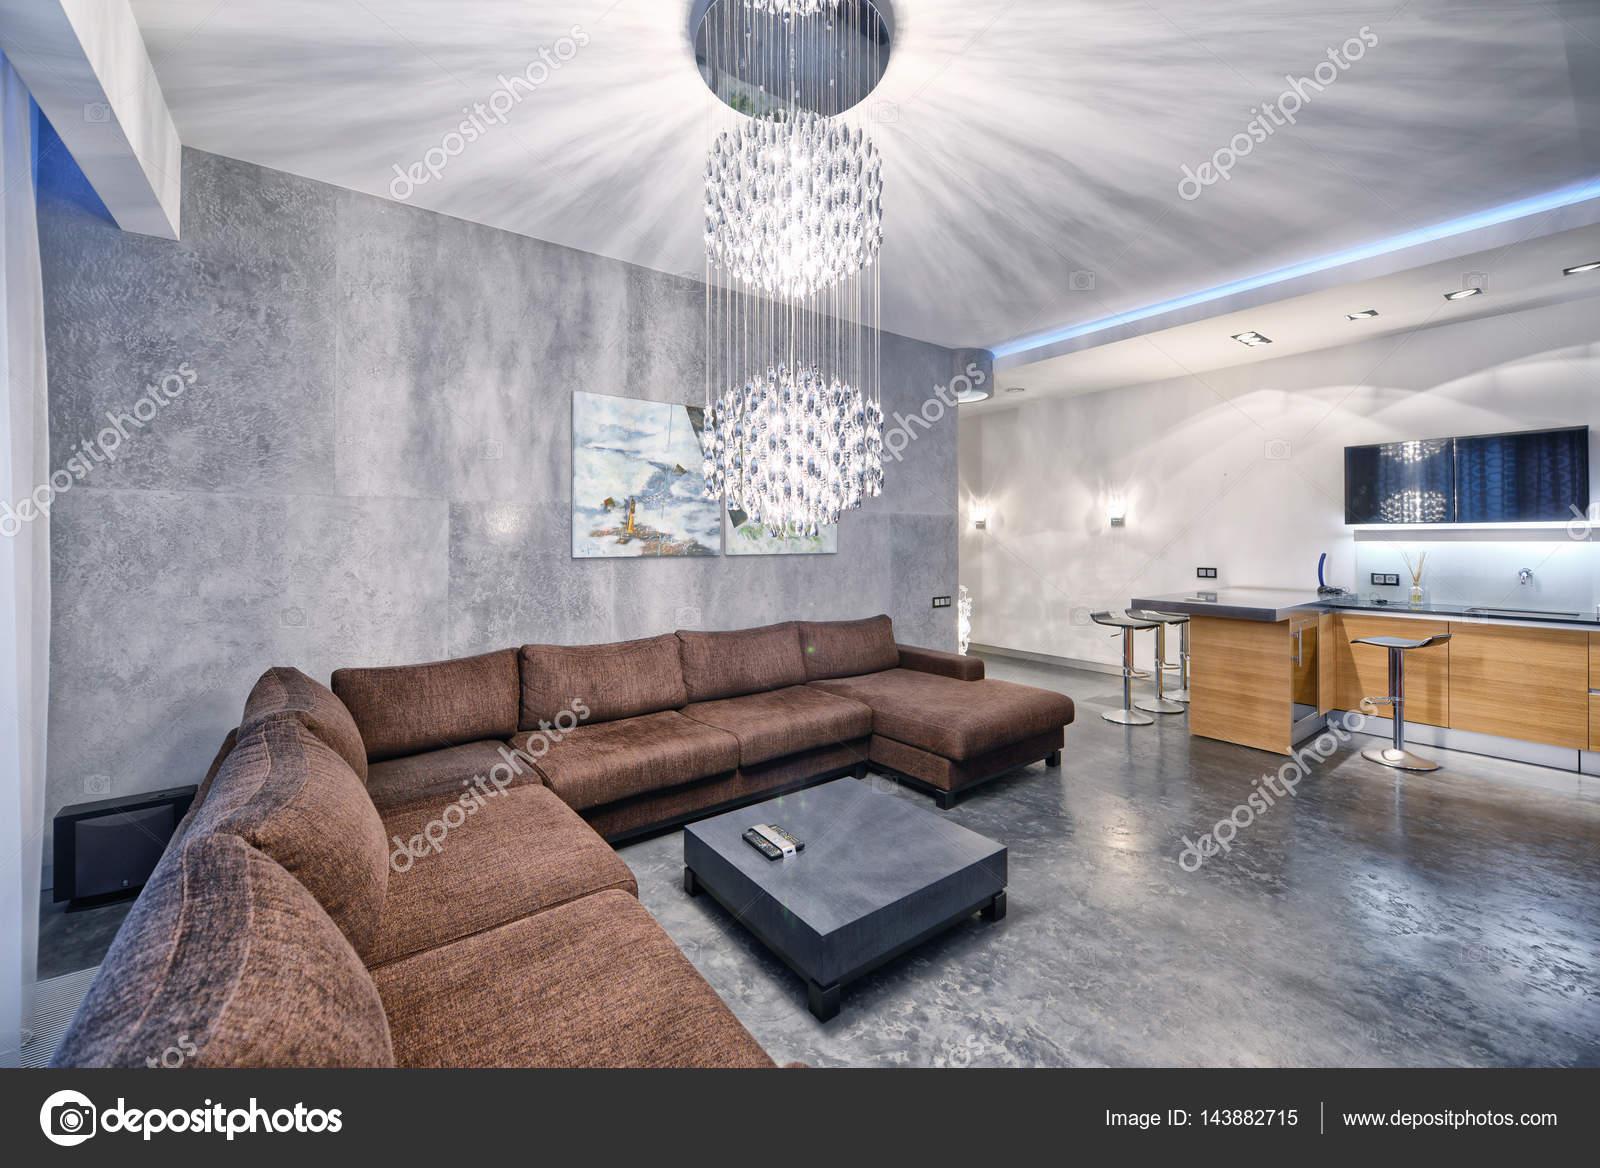 interieur design keuken - woonkamer in luxe nieuw appartement ...